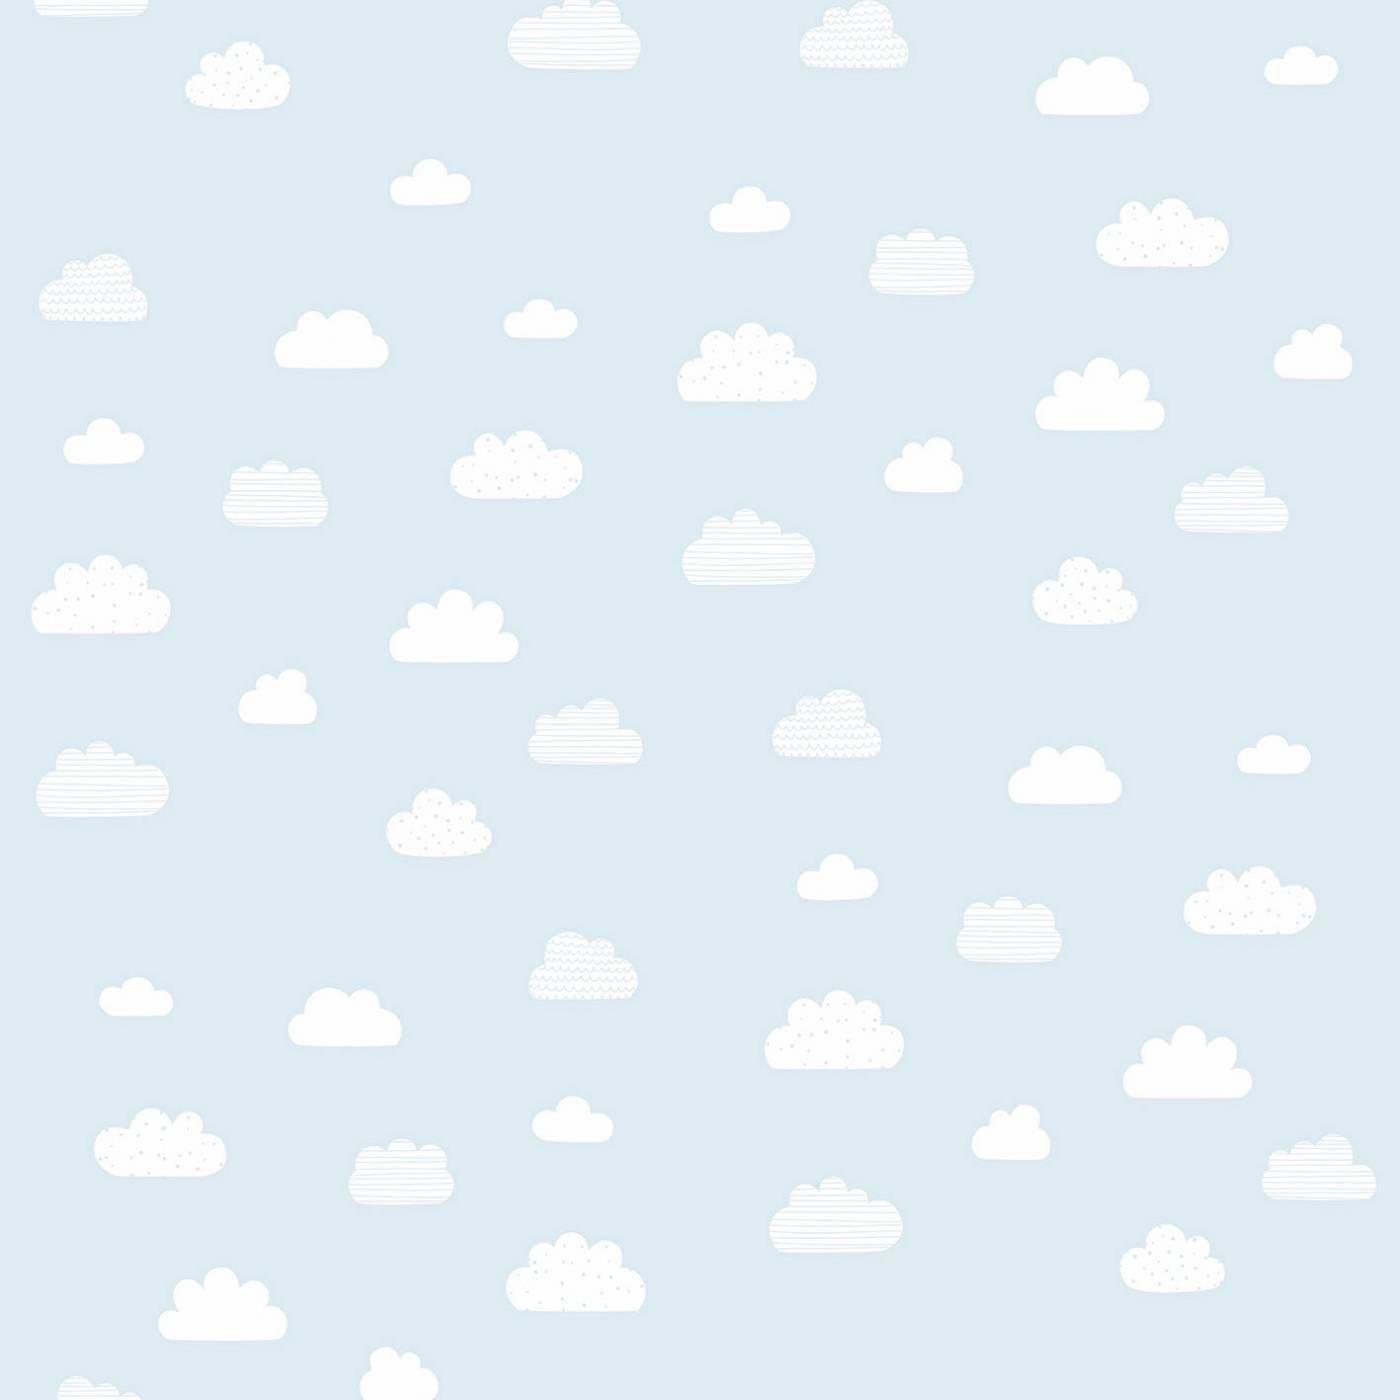 Papel de Parede Nuvens Brancas Fundo Azul